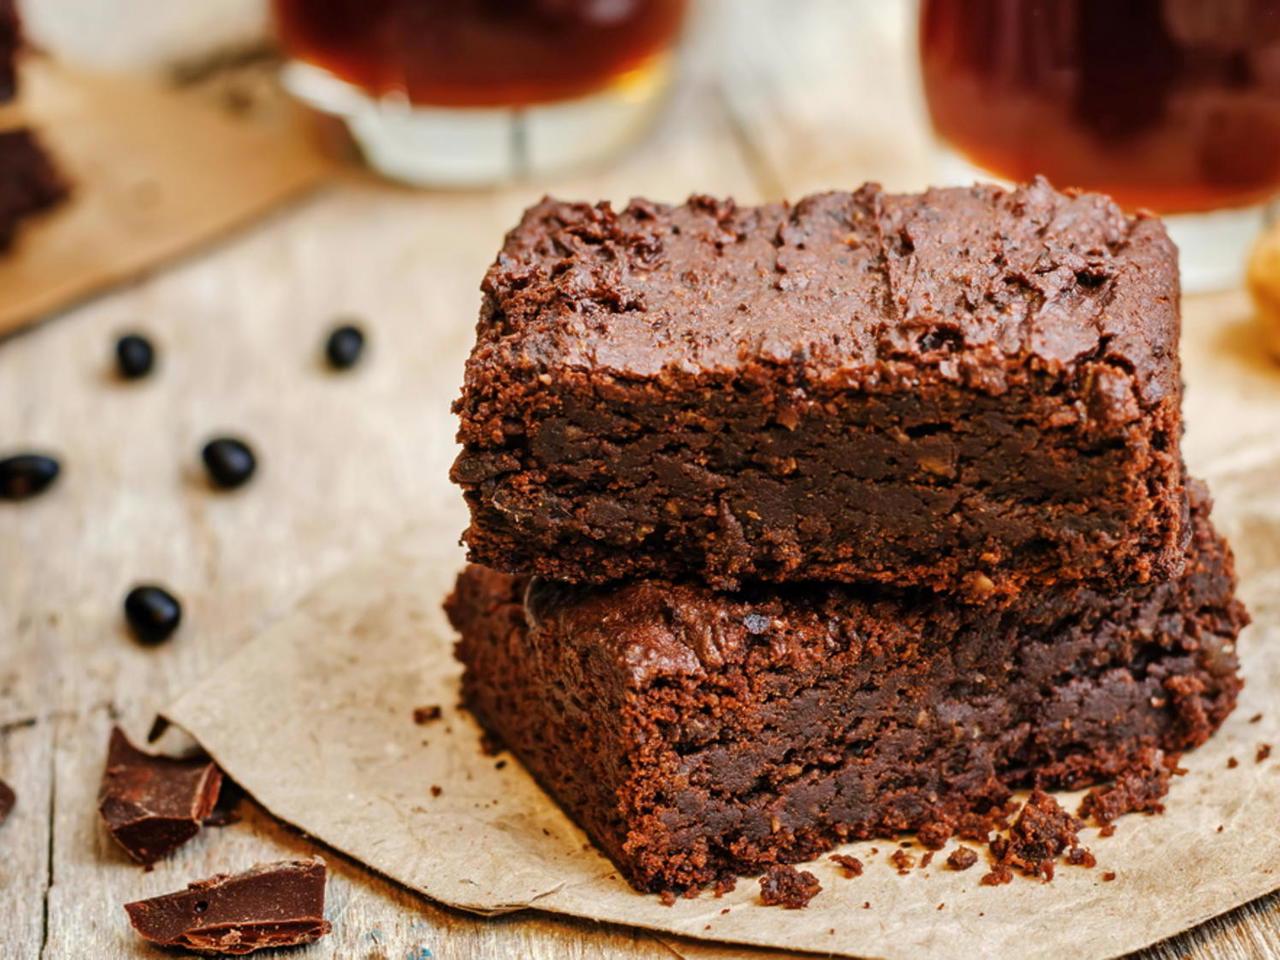 Tout simplement les meilleures recettes à base de Nutella sur Pinterest